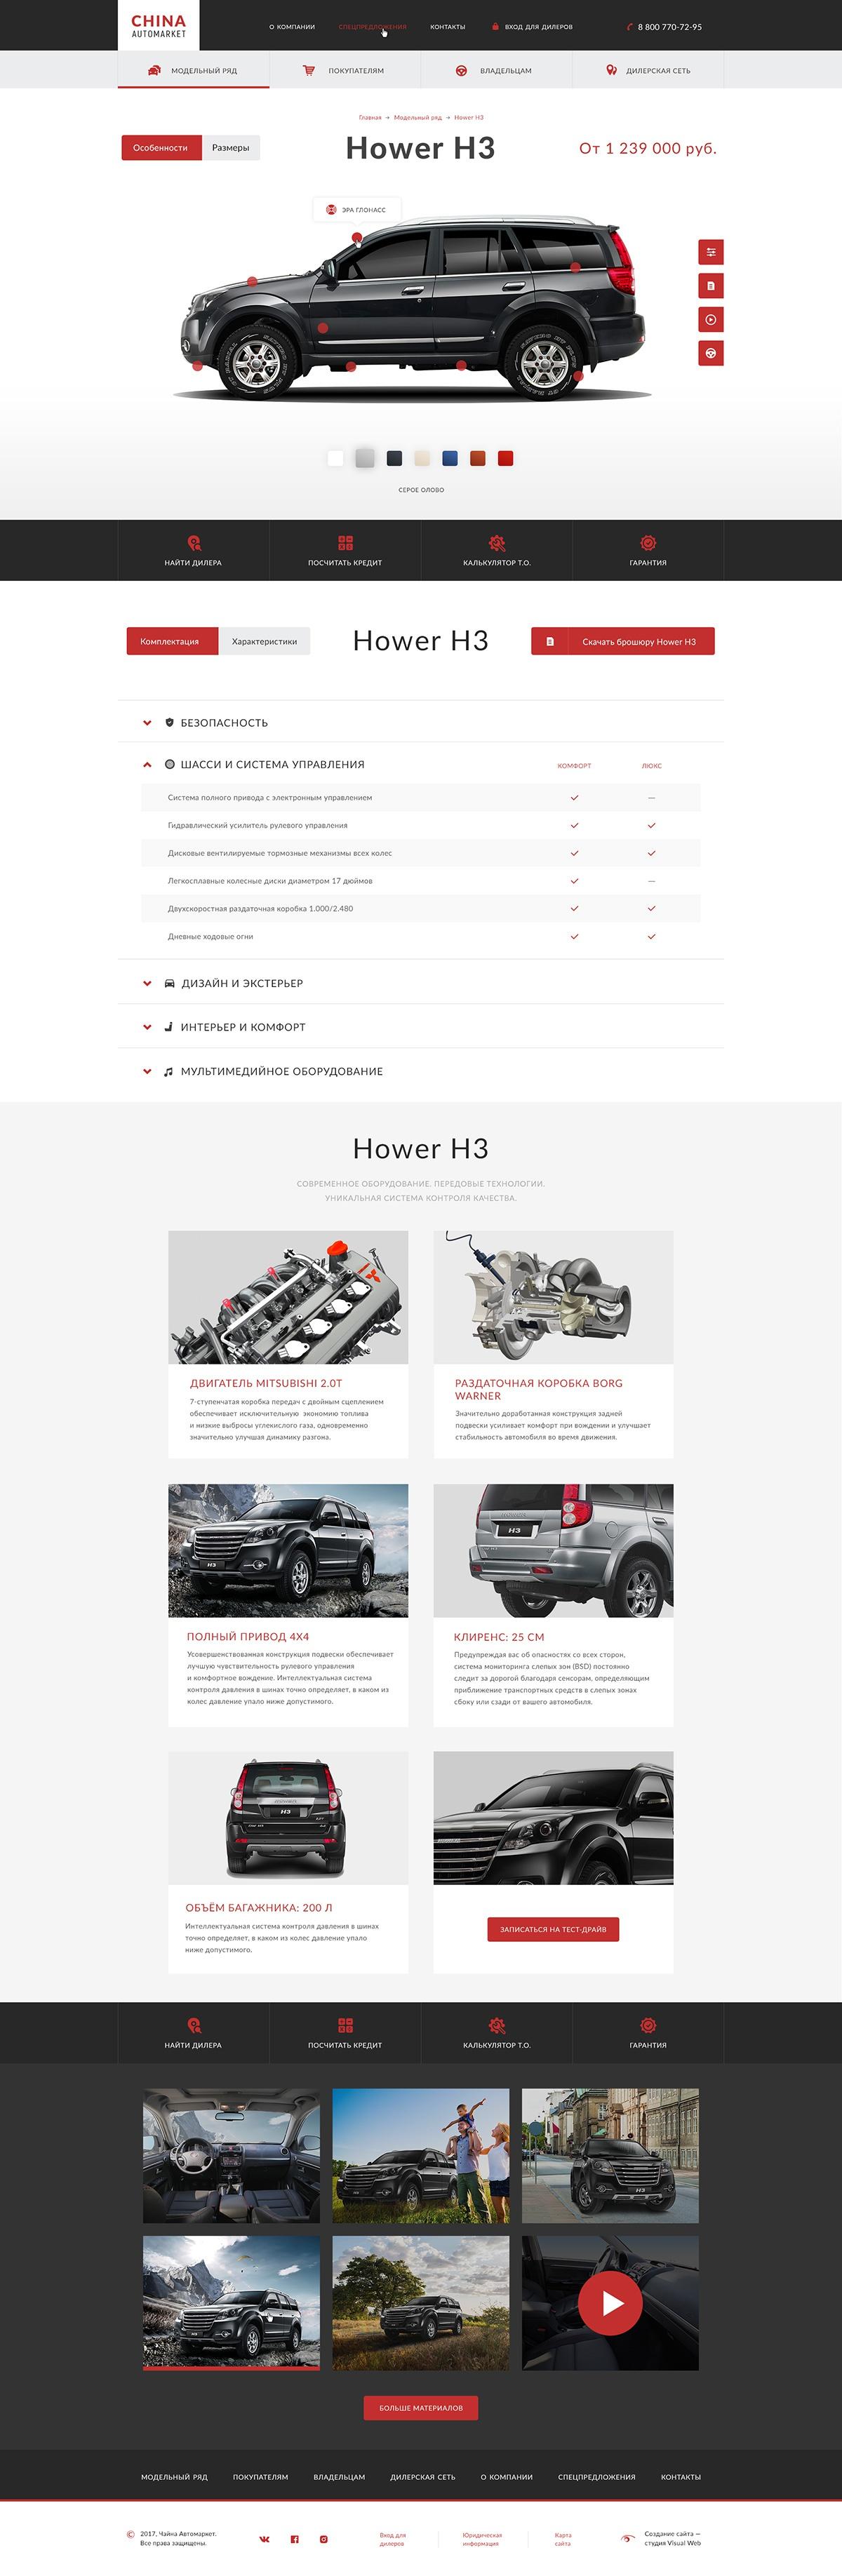 Подробная информация о каждом автомобиле